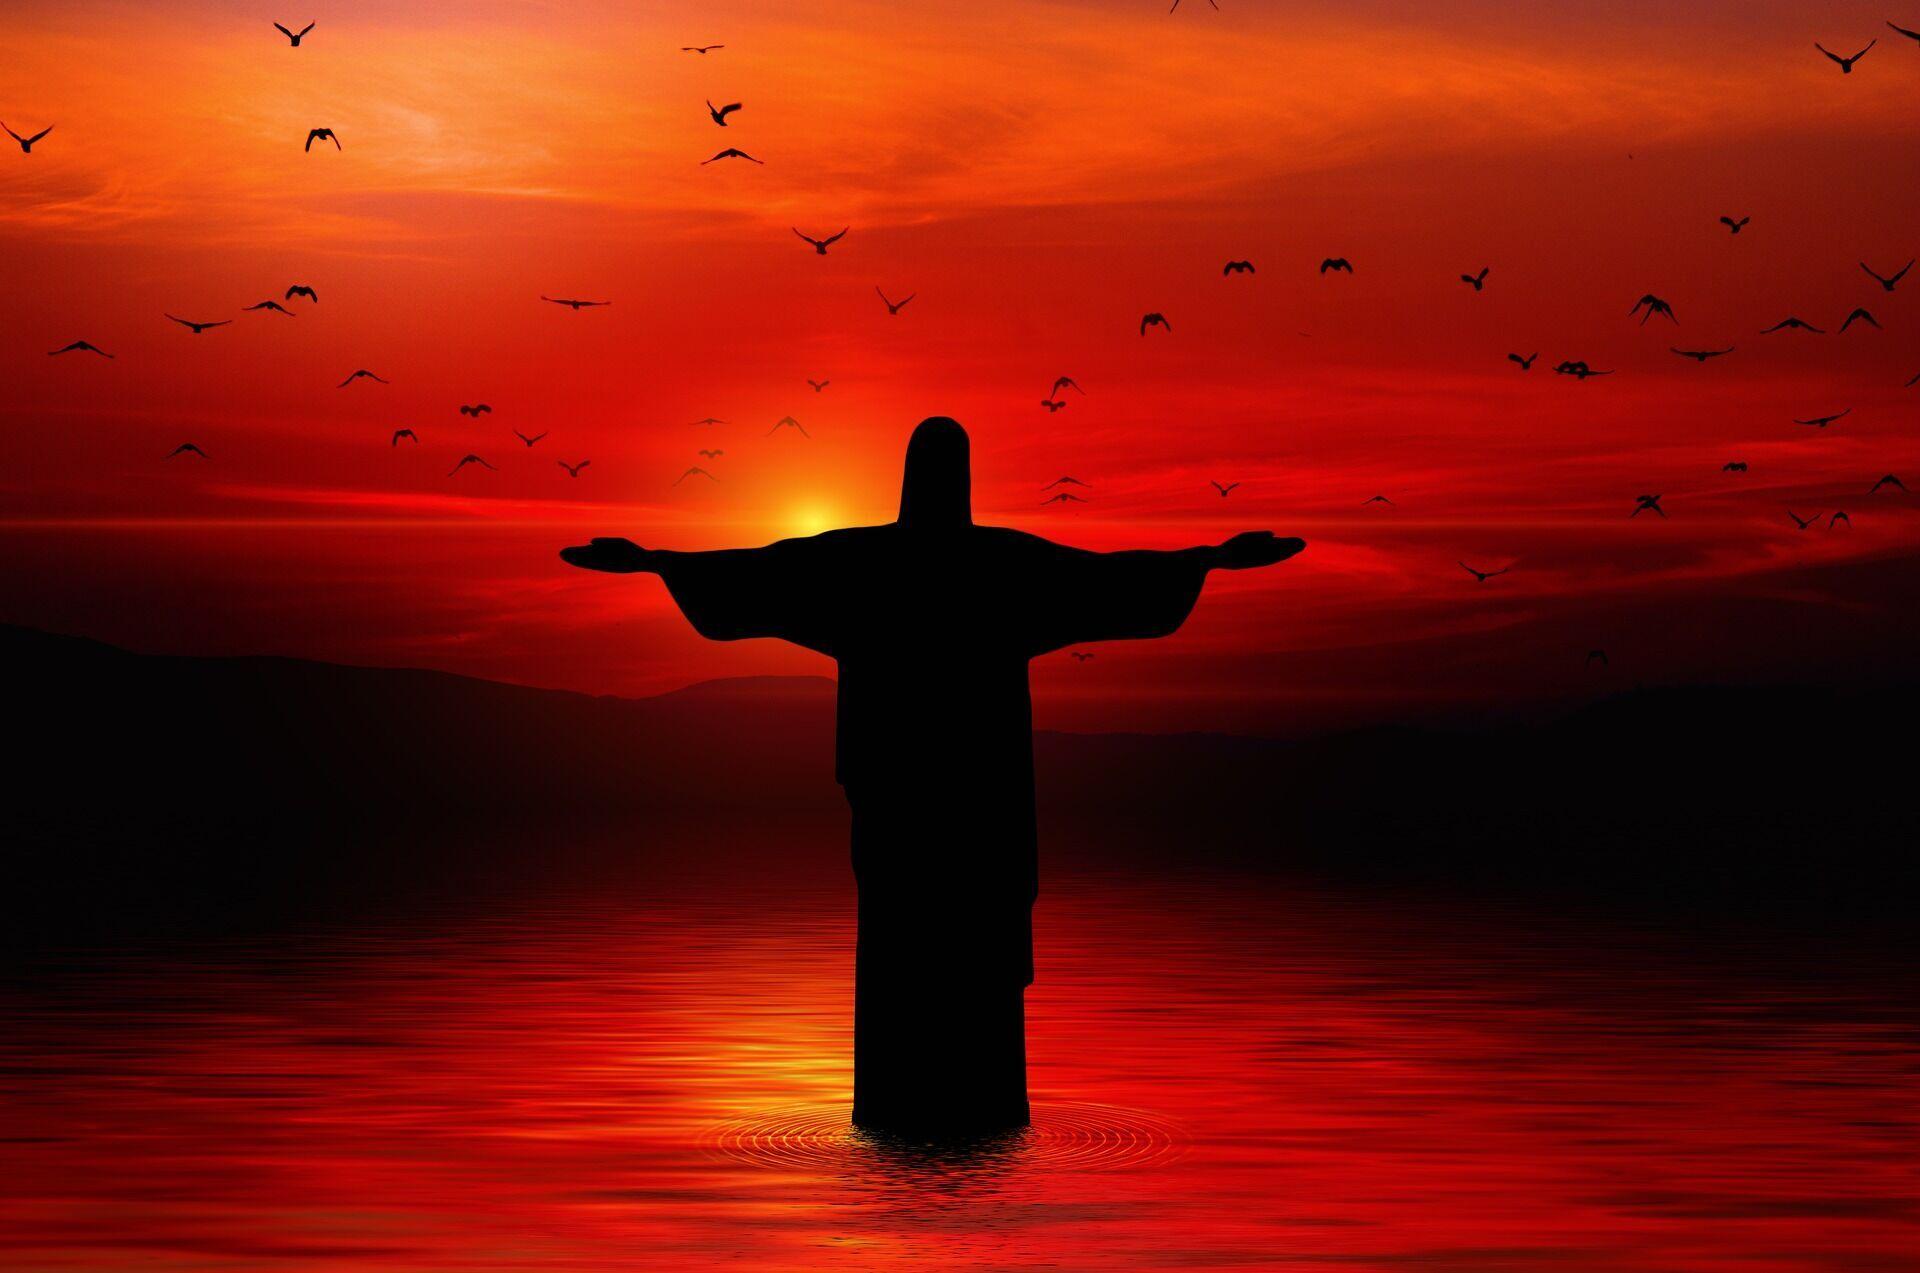 Тема свята Серця Ісуса – подяка за любов Господа і дароване Ним спасіння